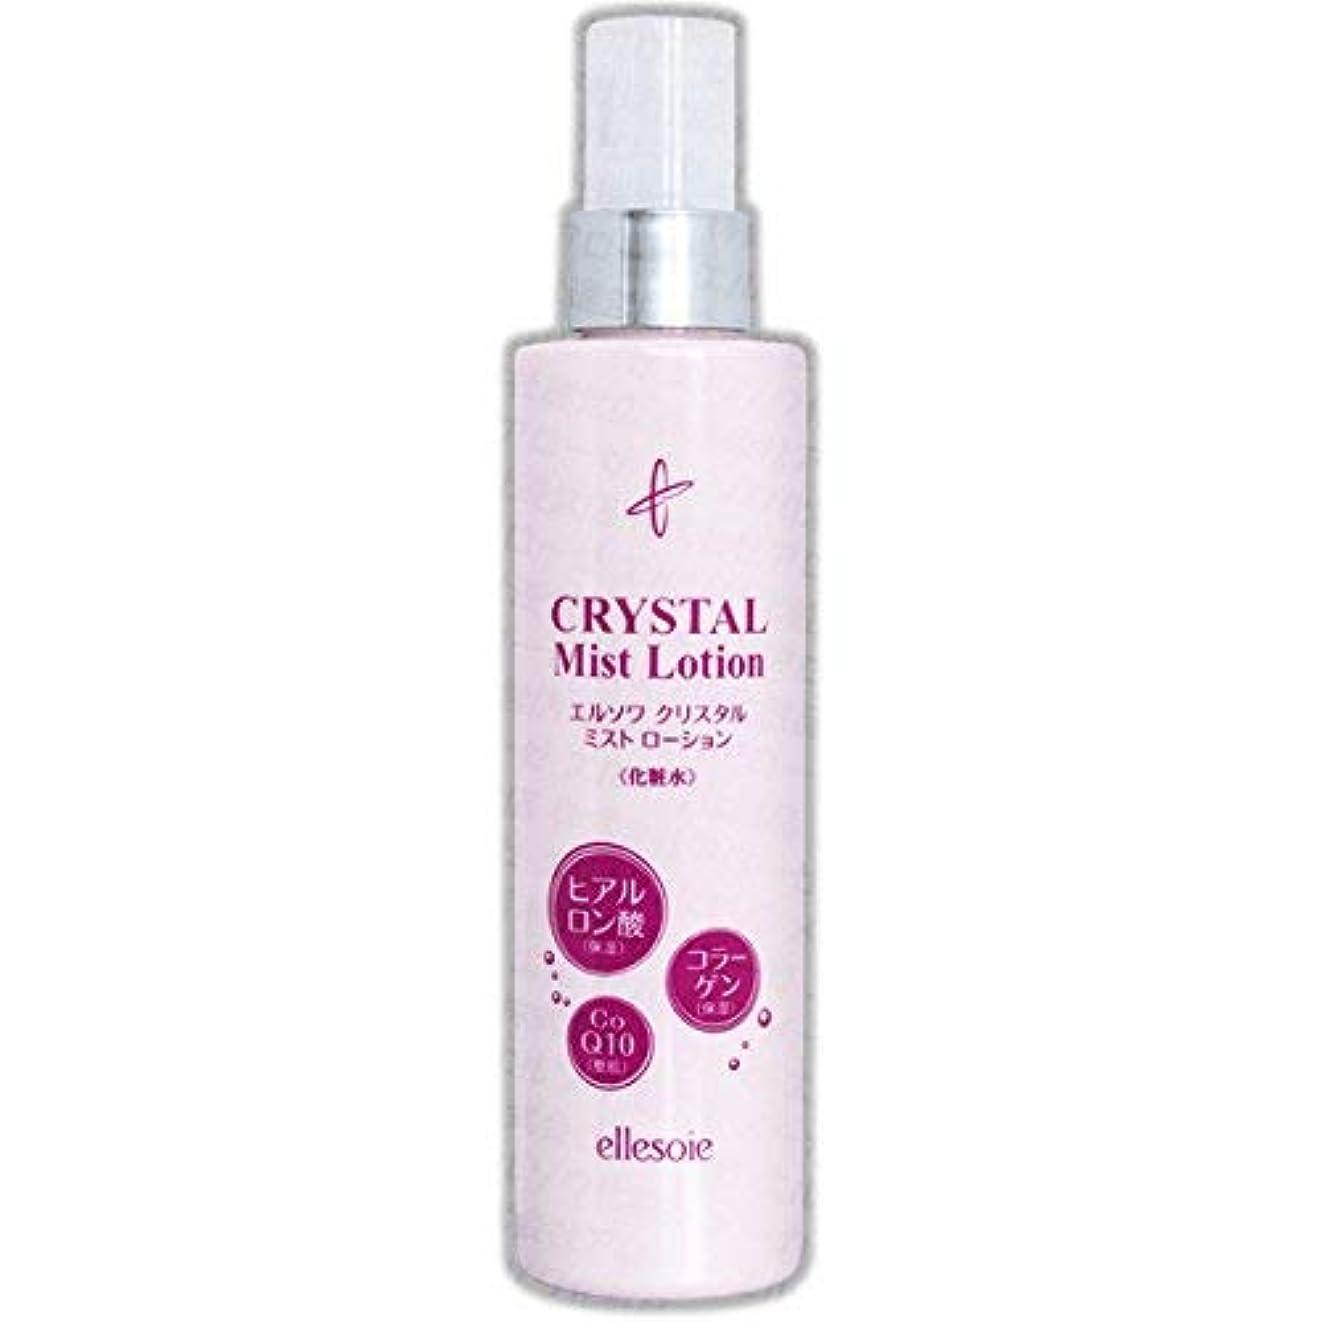 エルソワ化粧品(ellesoie) クリスタル ミストローション 化粧水 (ミストローション)